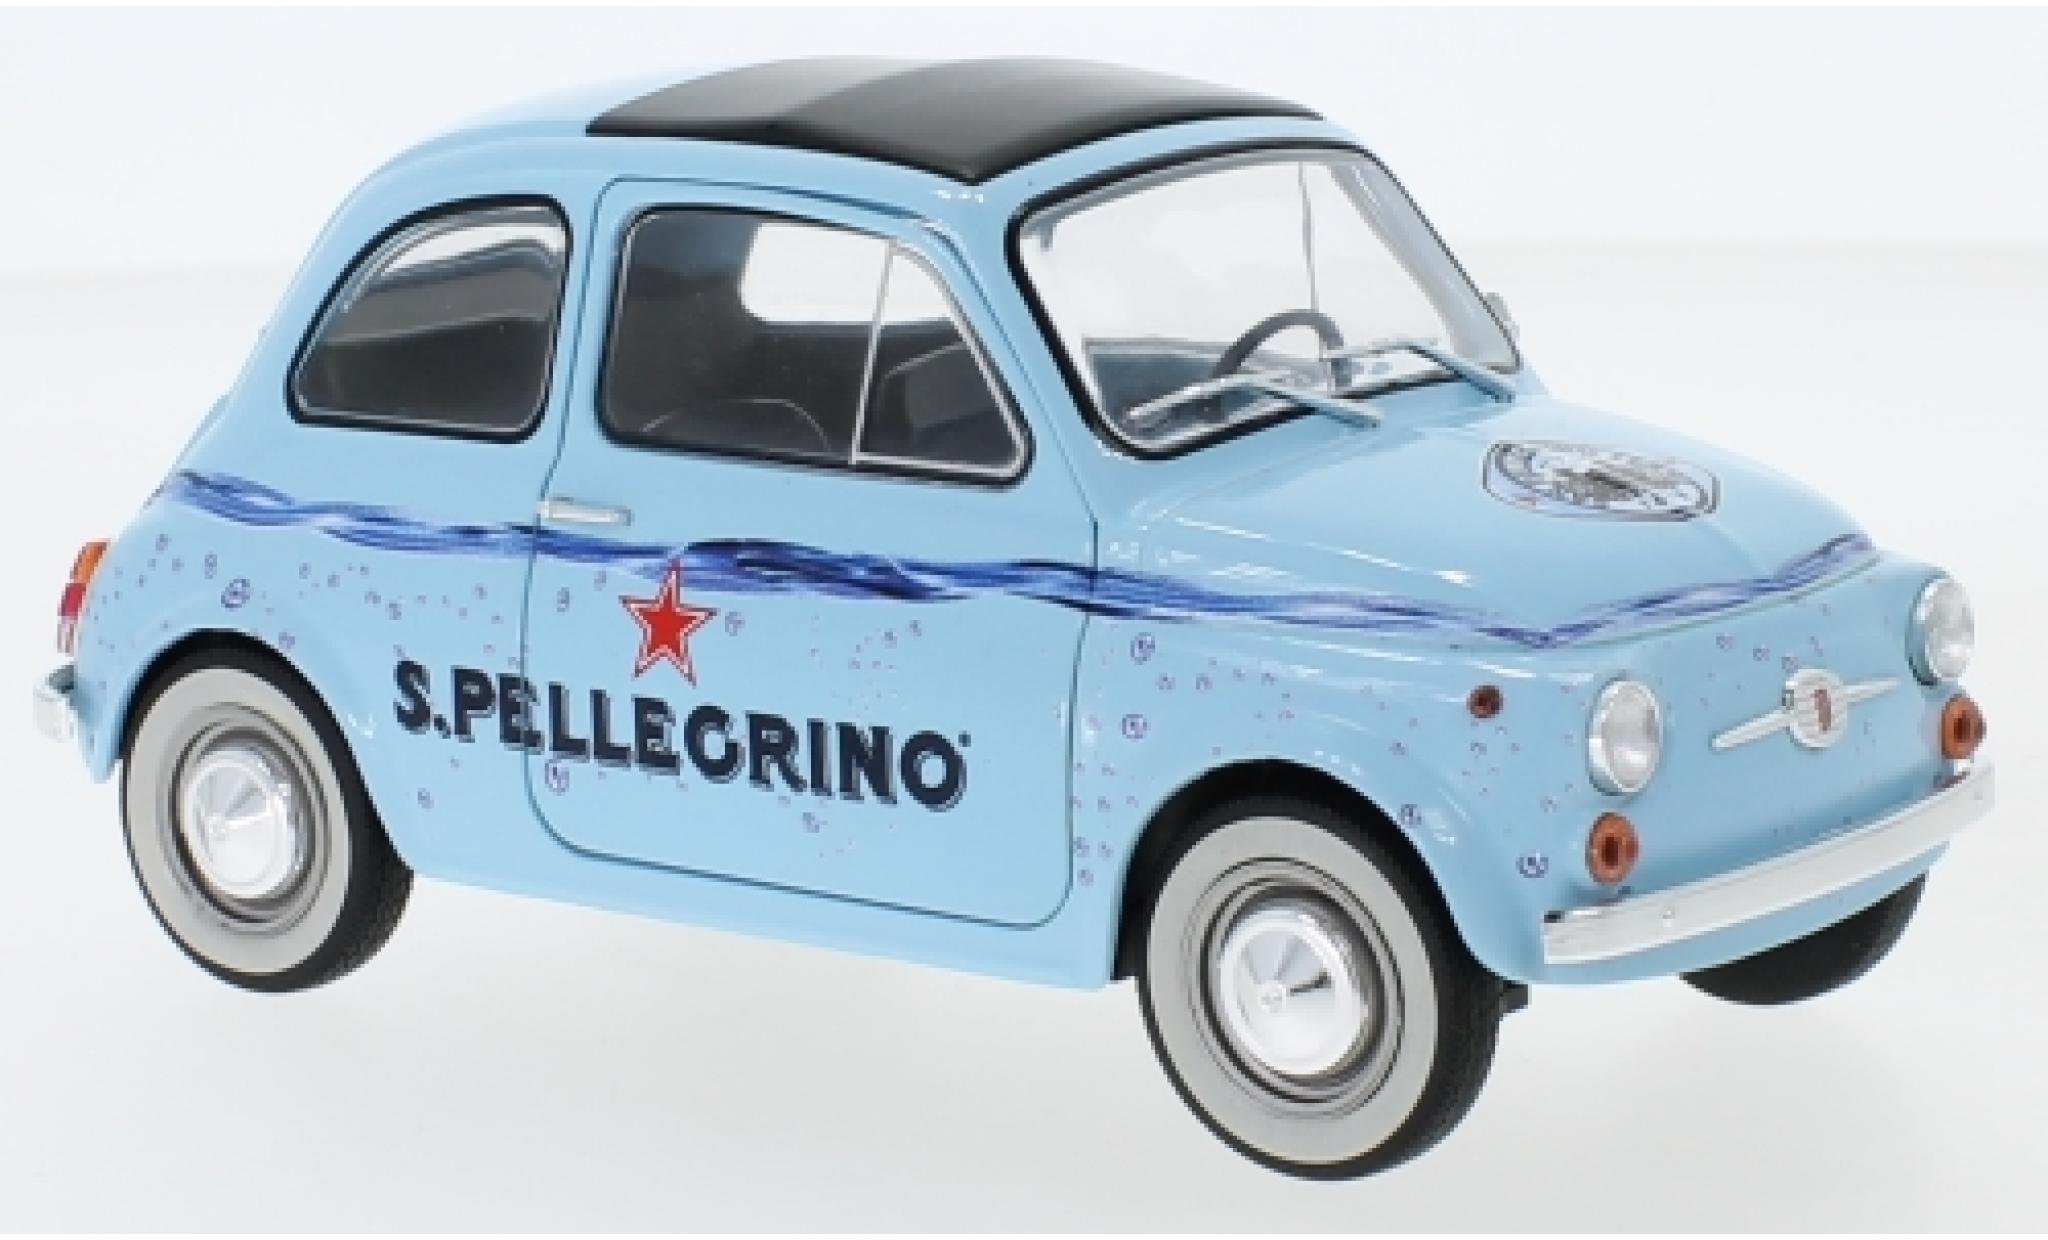 Fiat 500 1/18 Solido F San Pellegrino